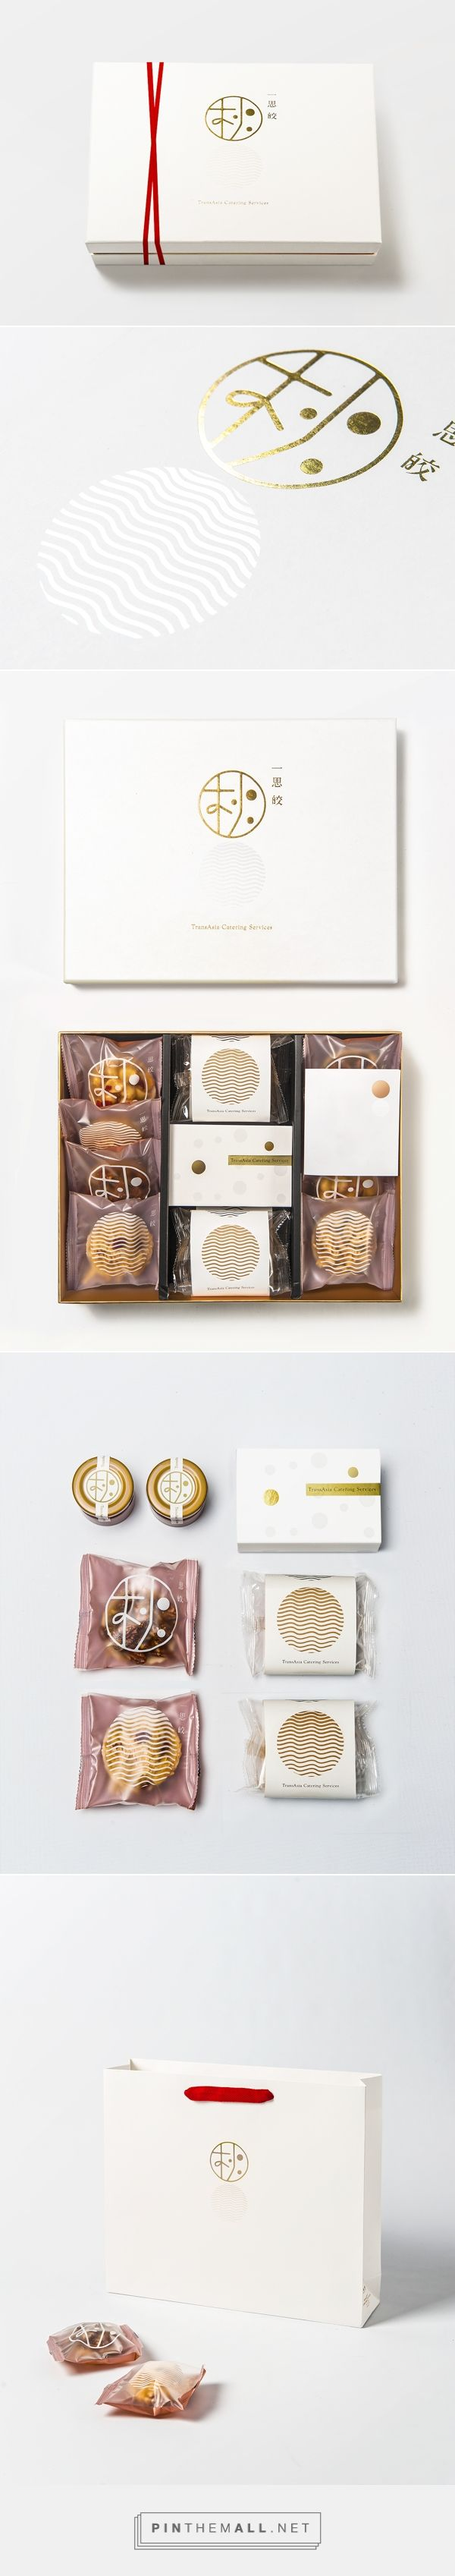 一思皎 on Packaging Design Served... - a grouped images picture - Pin Them All